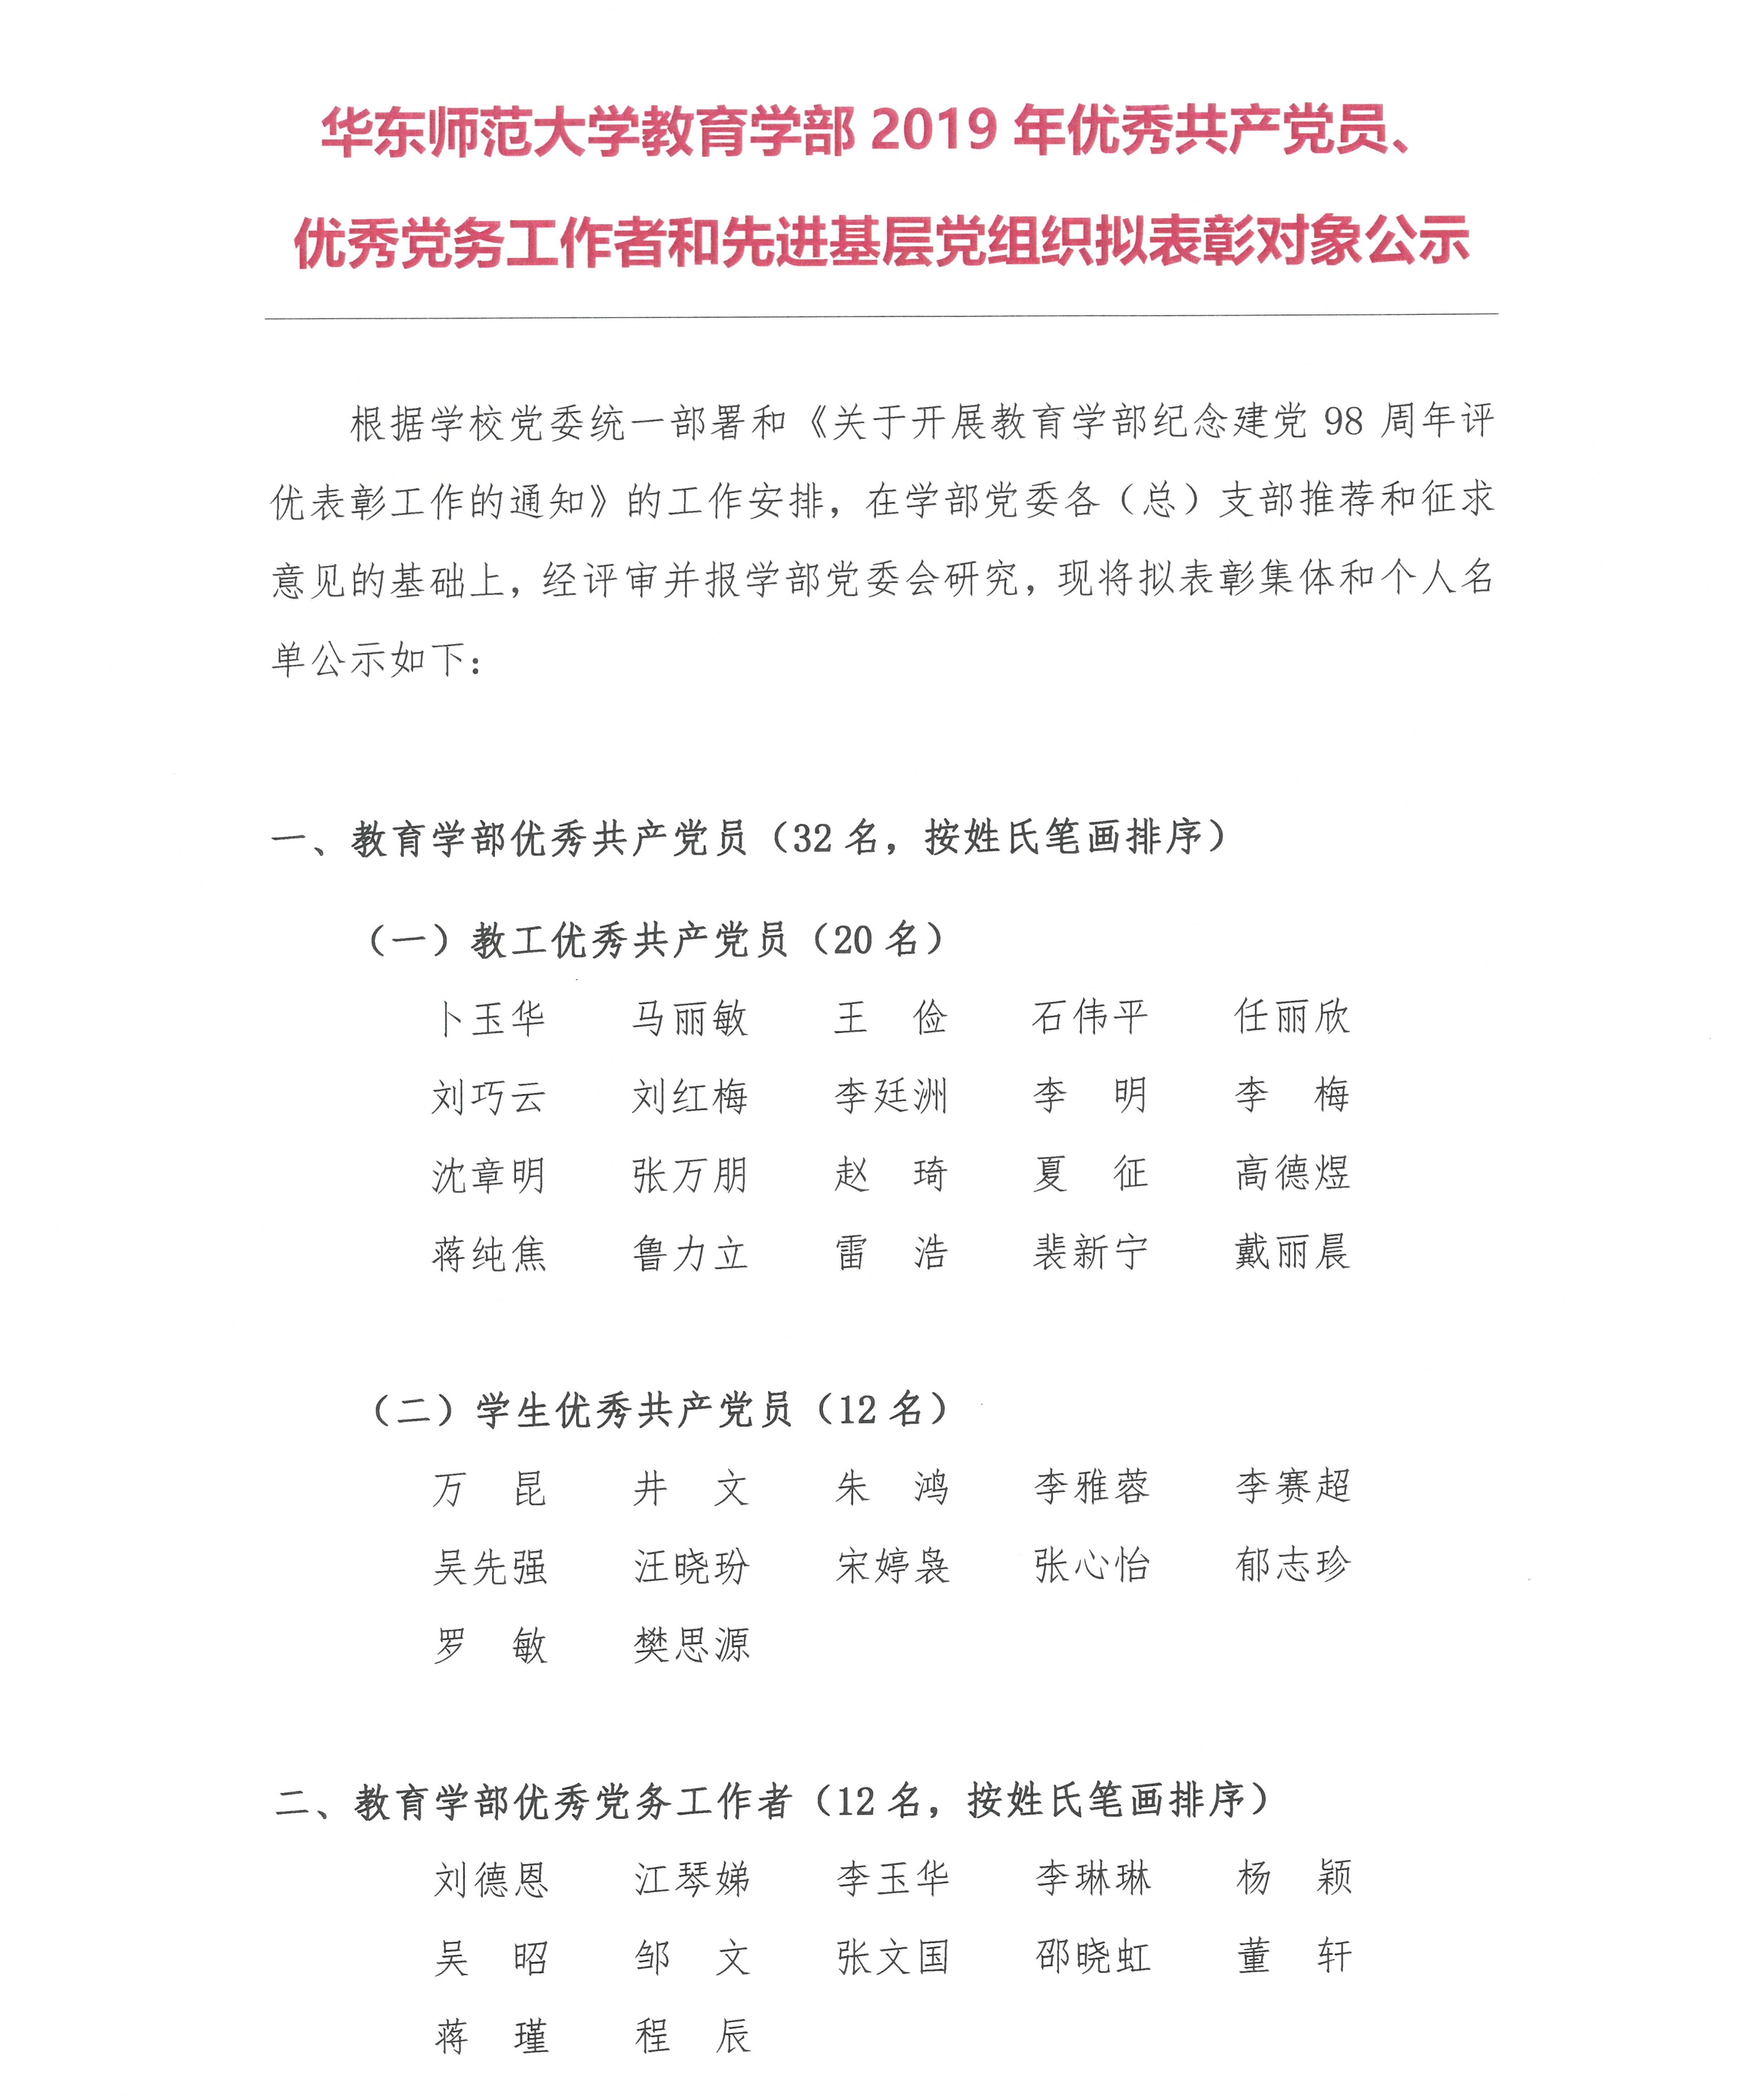 【公示】教育学部2019年优秀共产党员、优秀党务工作者、先进基层党组织表彰名单公示